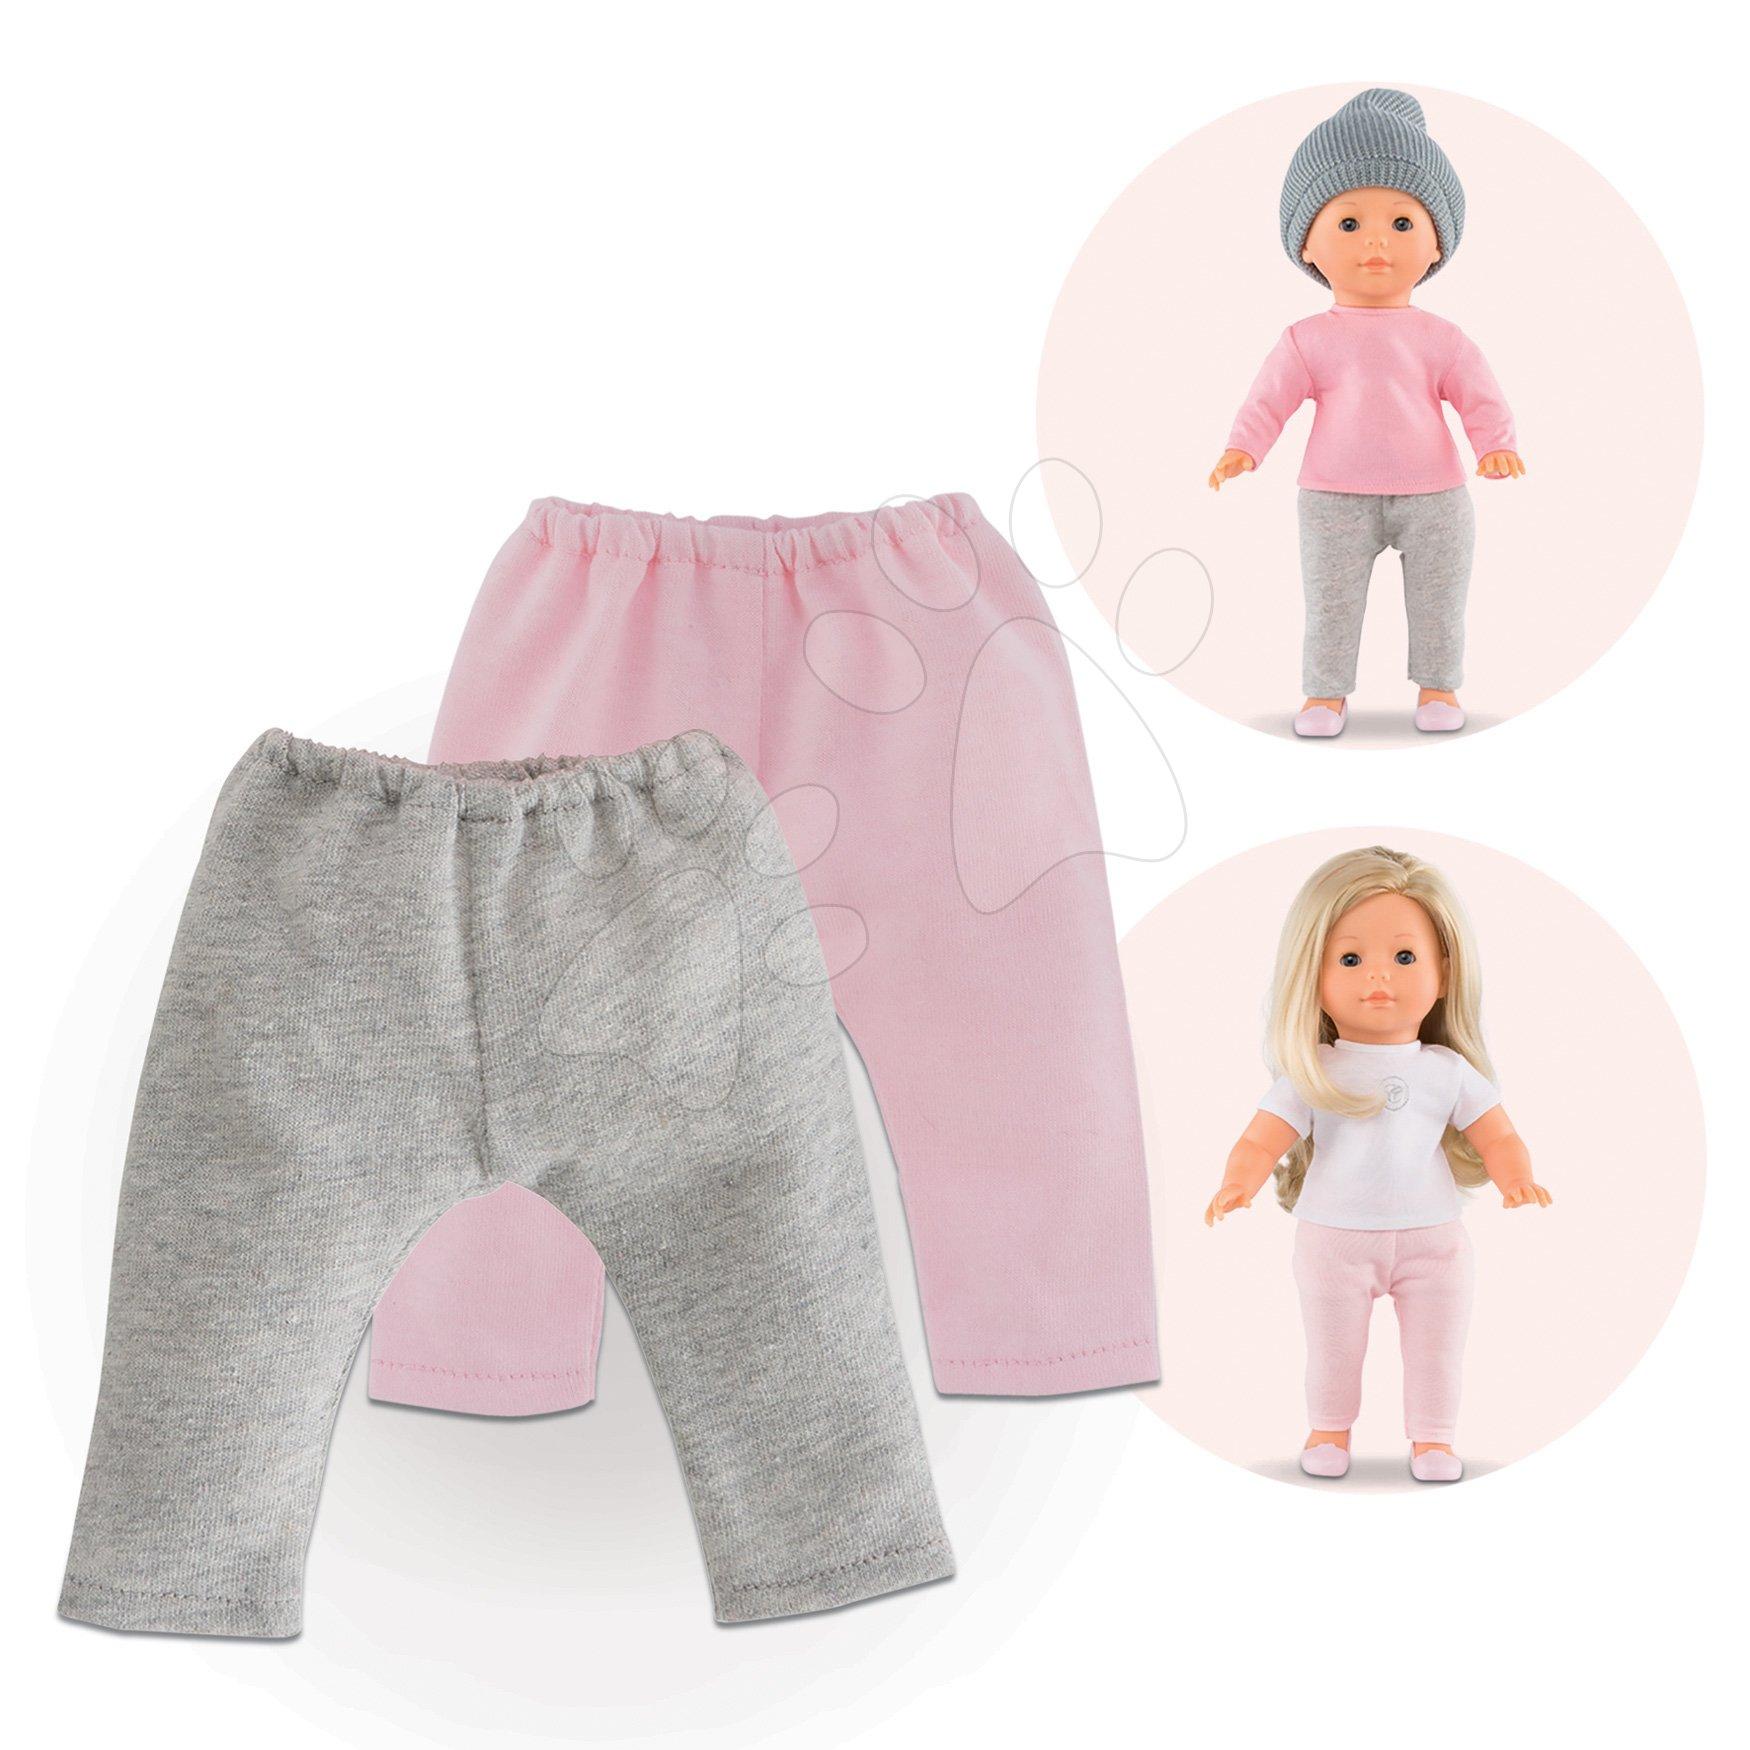 Oblečenie 2 Leggings Ma Corolle pre 36 cm bábiku od 4 rokov